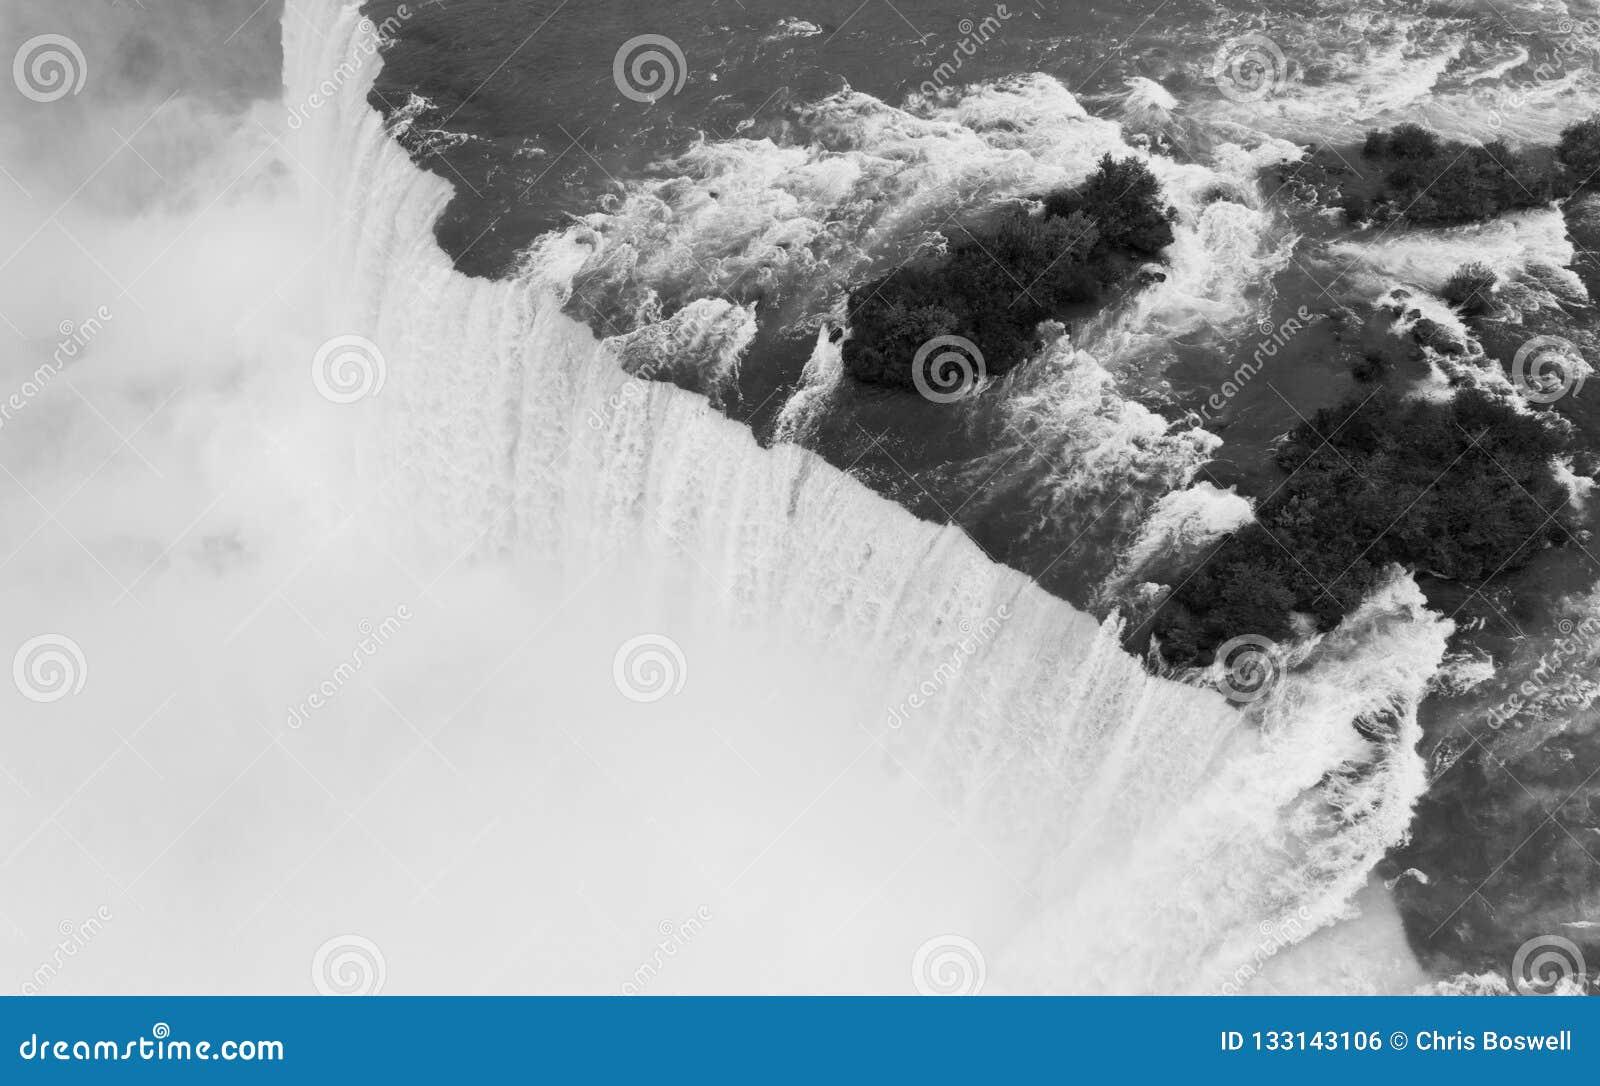 Οι περικοπές ποταμών Niagara μέσω των Ηνωμένων Πολιτειών και Καναδάς στο Χ